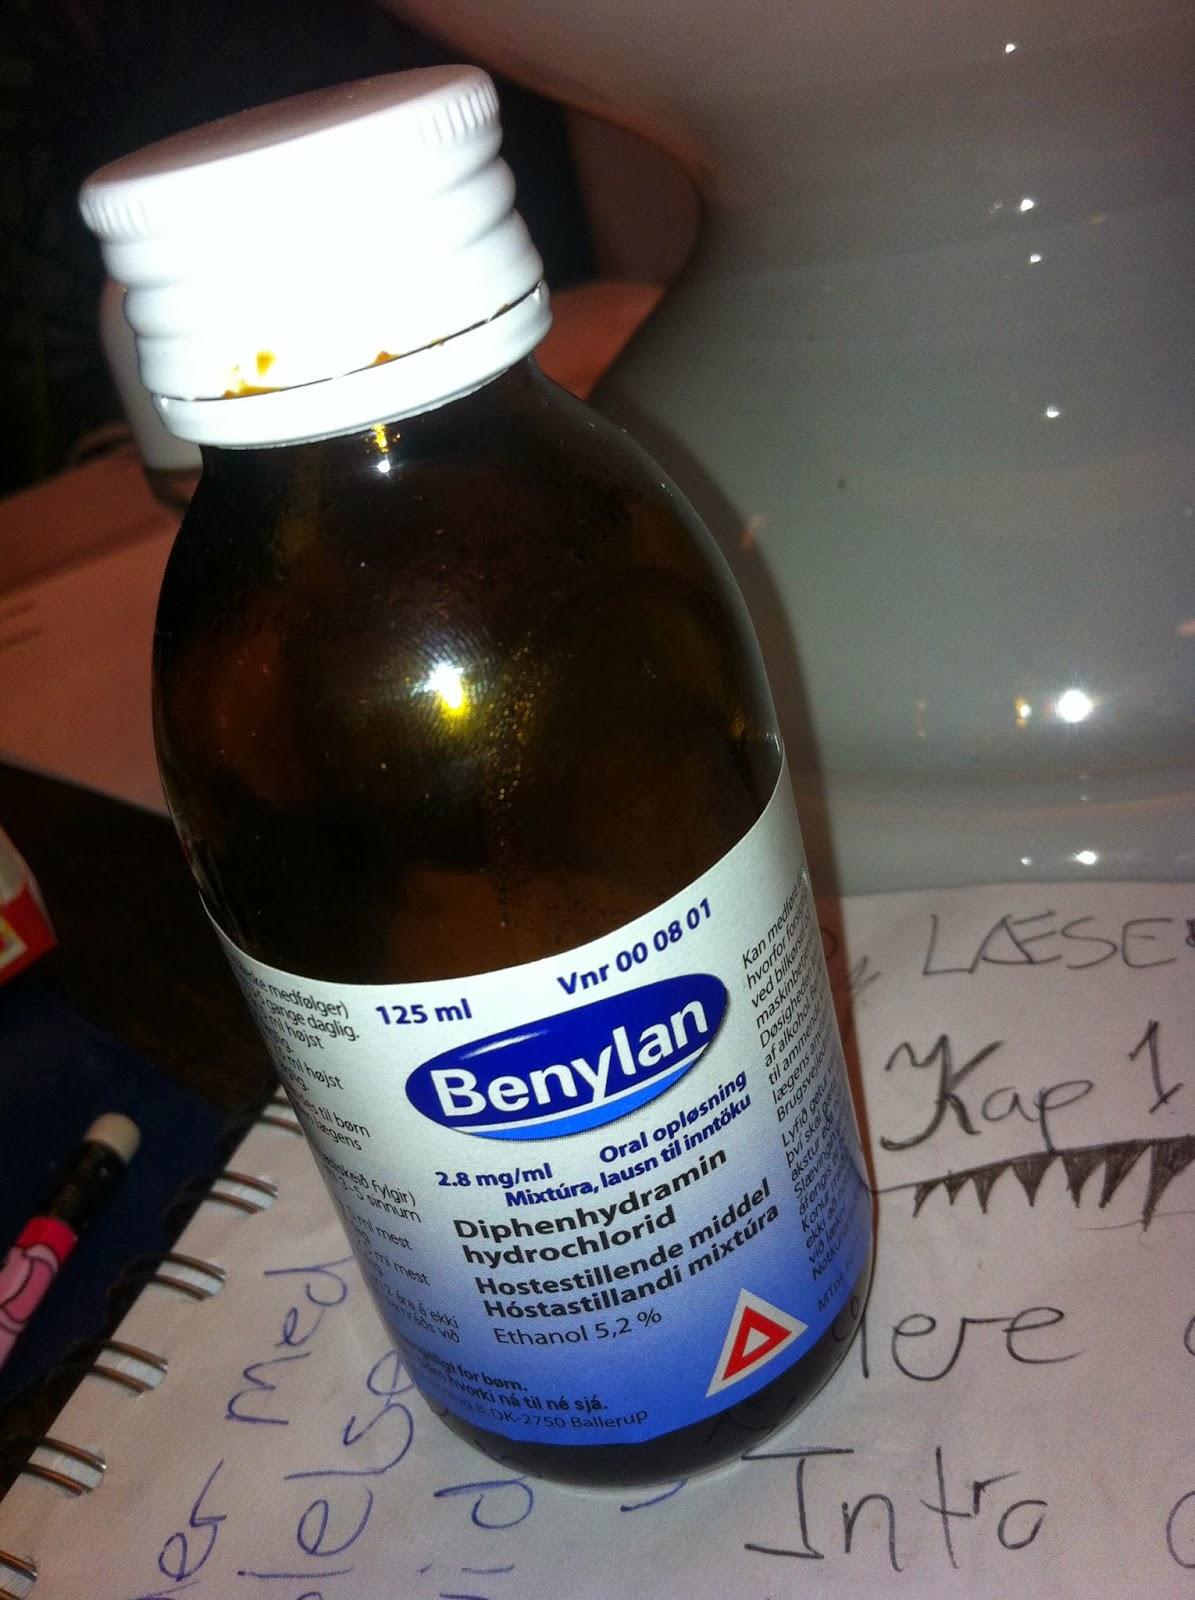 benylan hostesaft